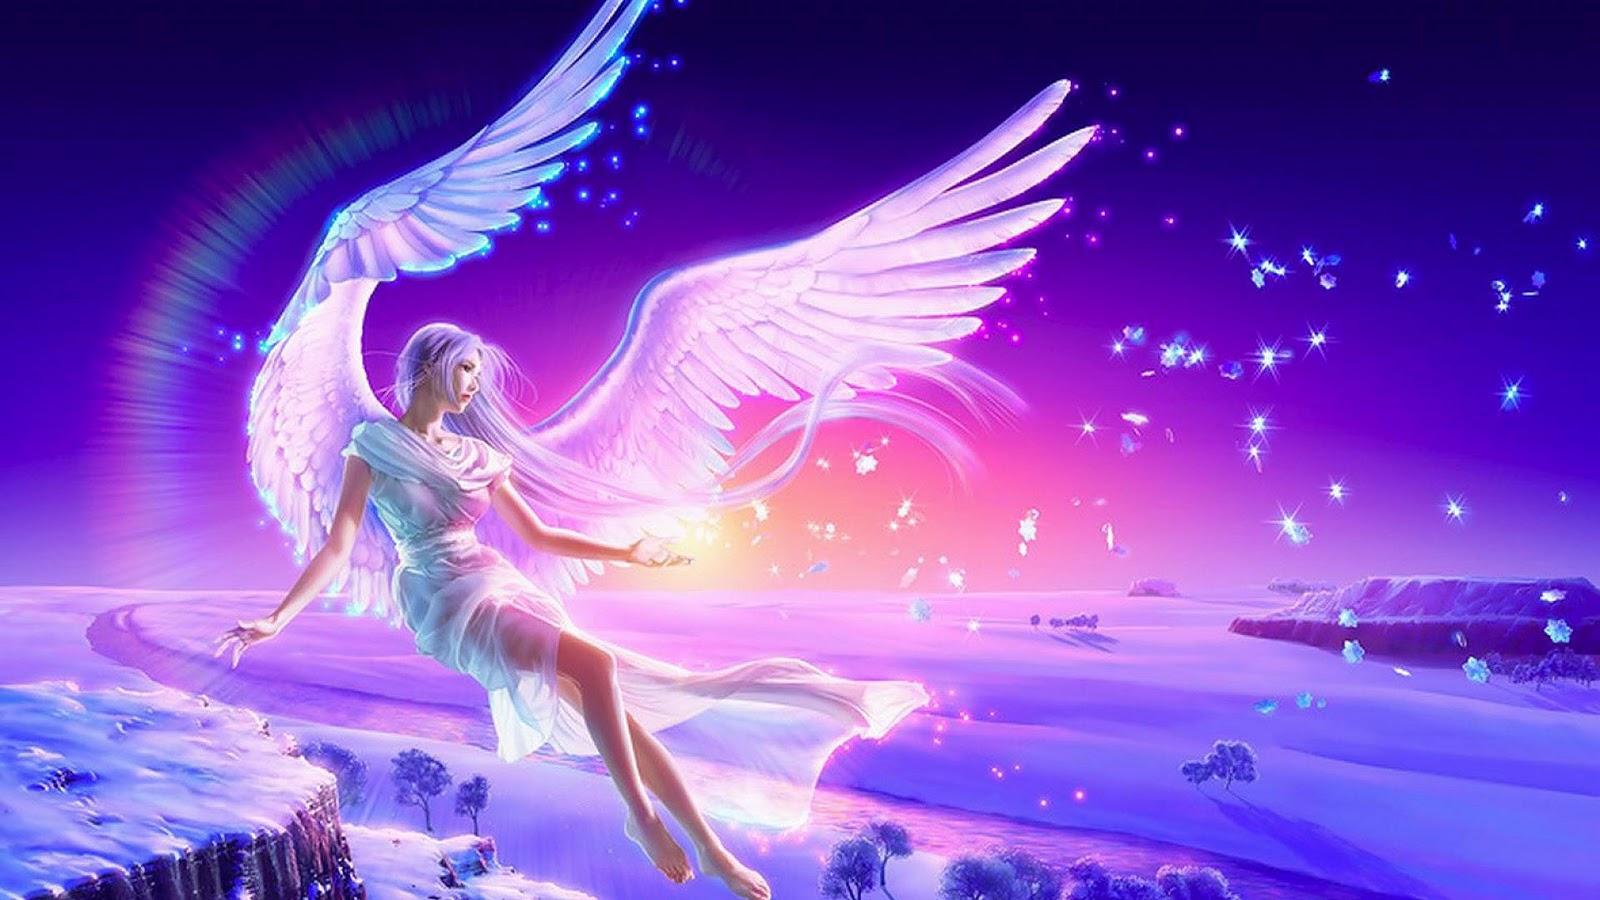 Best desktop pictures angel wallpapers hd angel wallpaper image 12jpg 1600x900